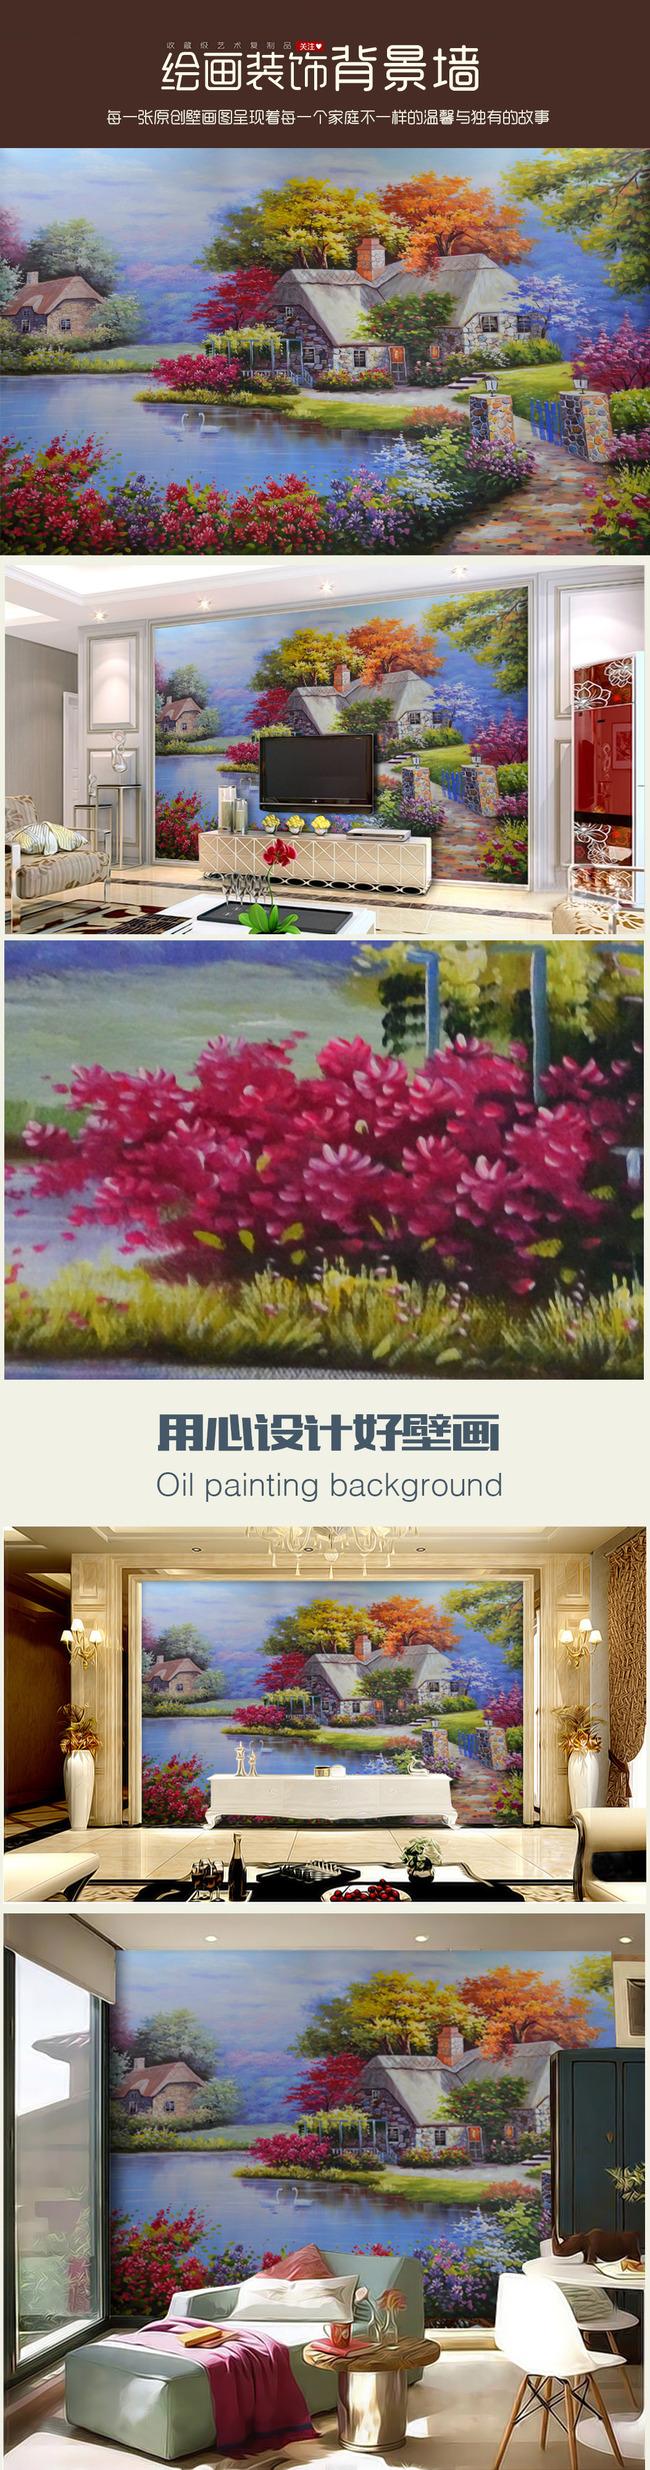 油画|立体油画电视背景墙 > 全网独家欧式天鹅湖庄园油画艺术背景  下